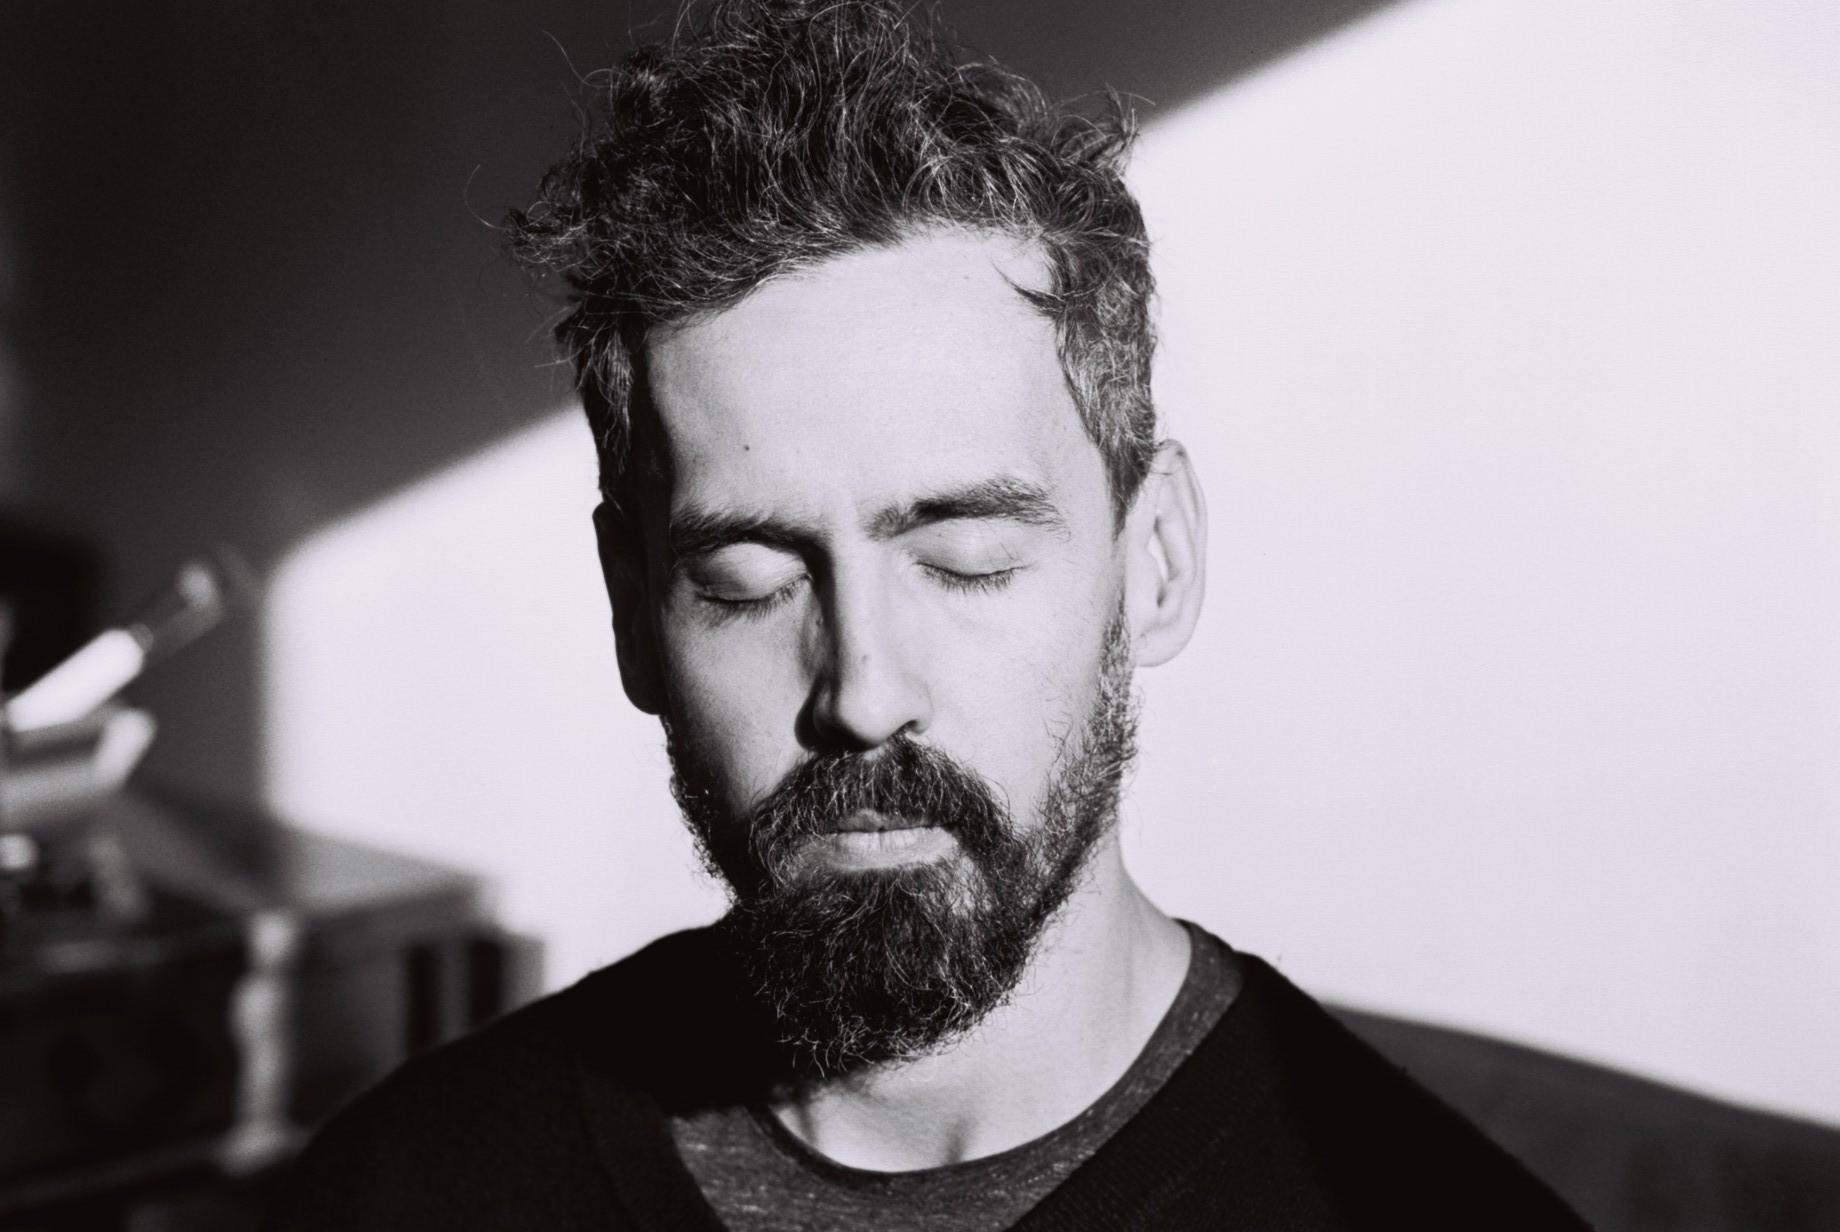 Música | António Vale da Conceição lança novo trabalho em Março